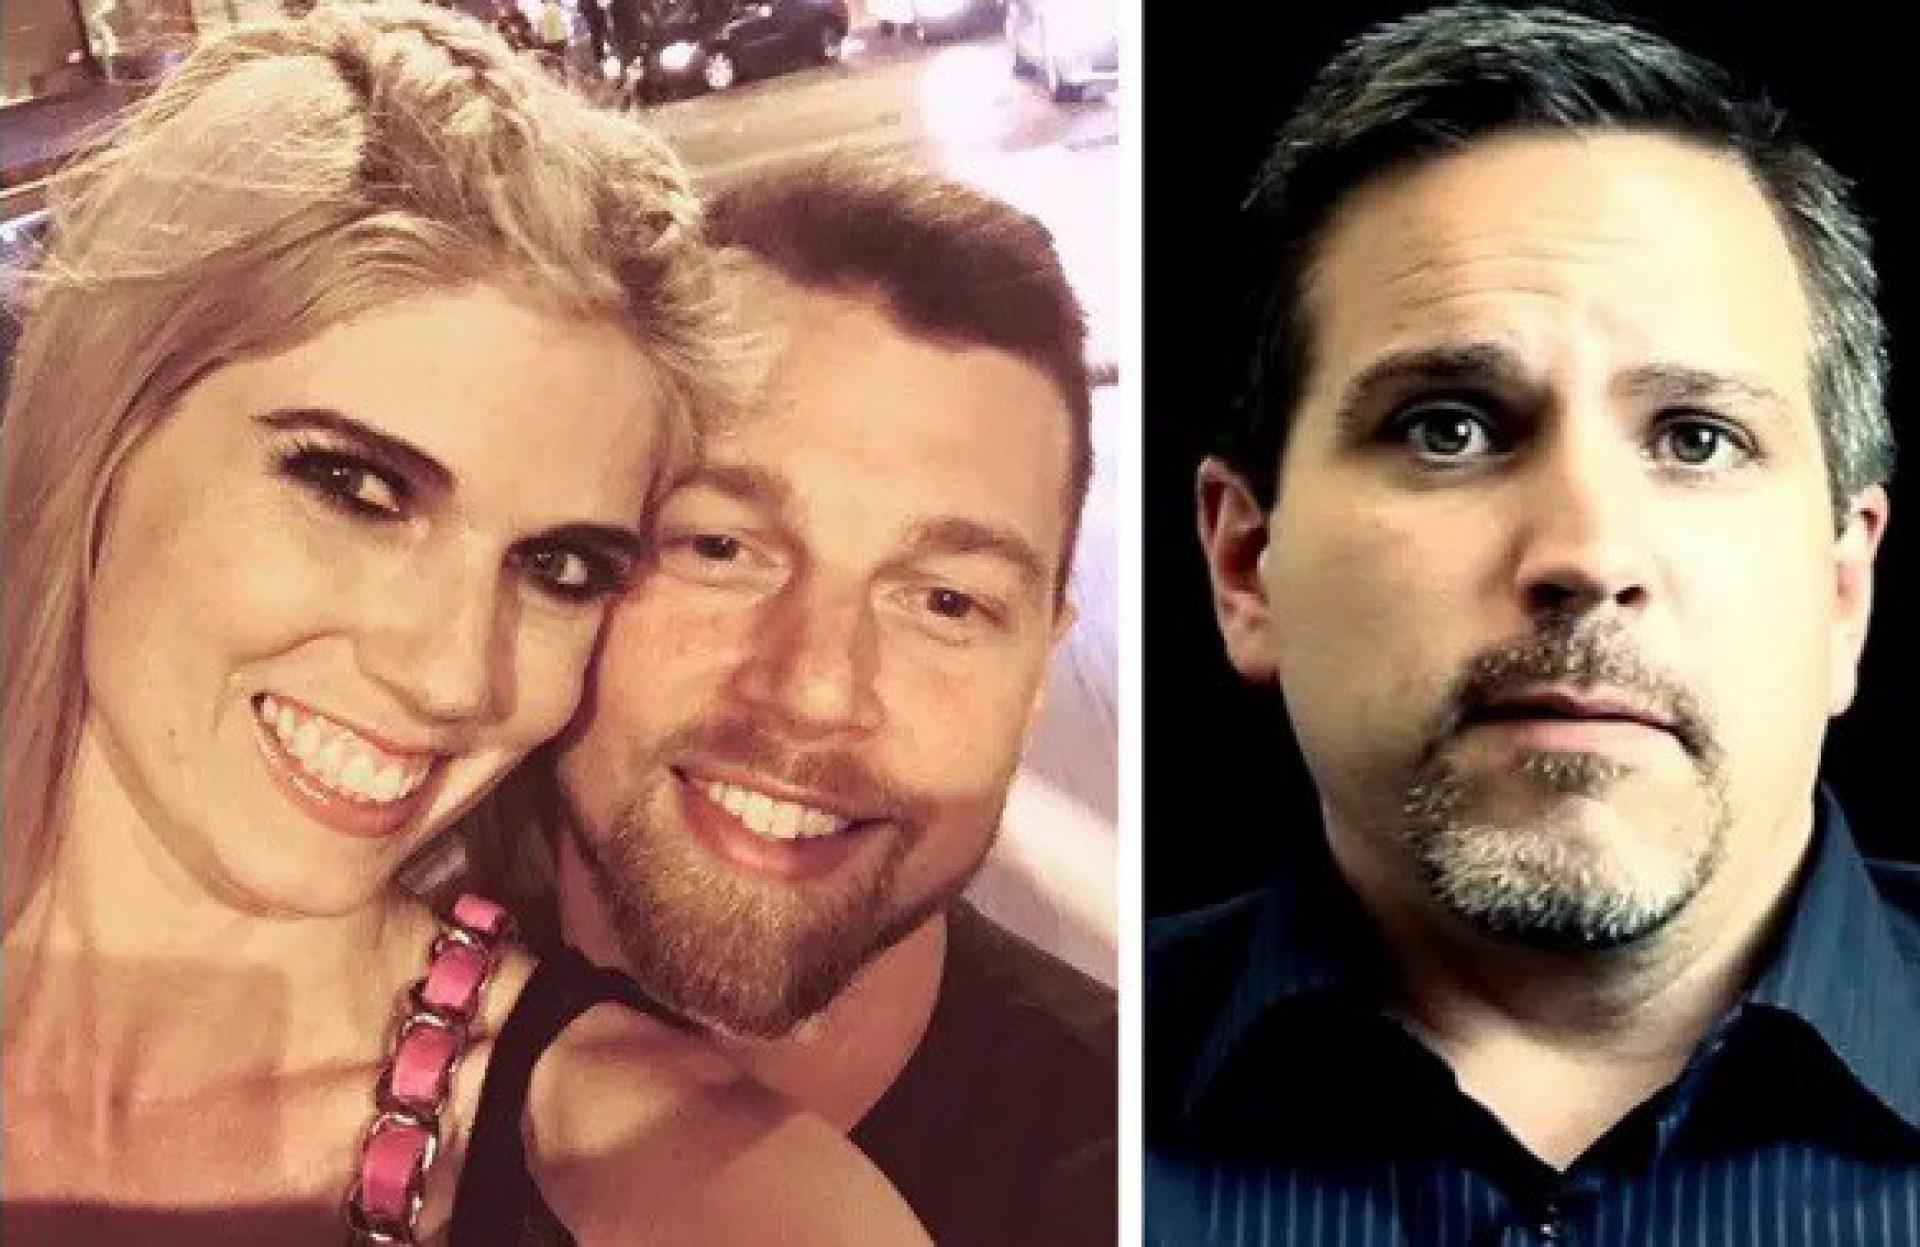 Ex-jogador processa pastor por ter se relacionado sexualmente com sua mulher